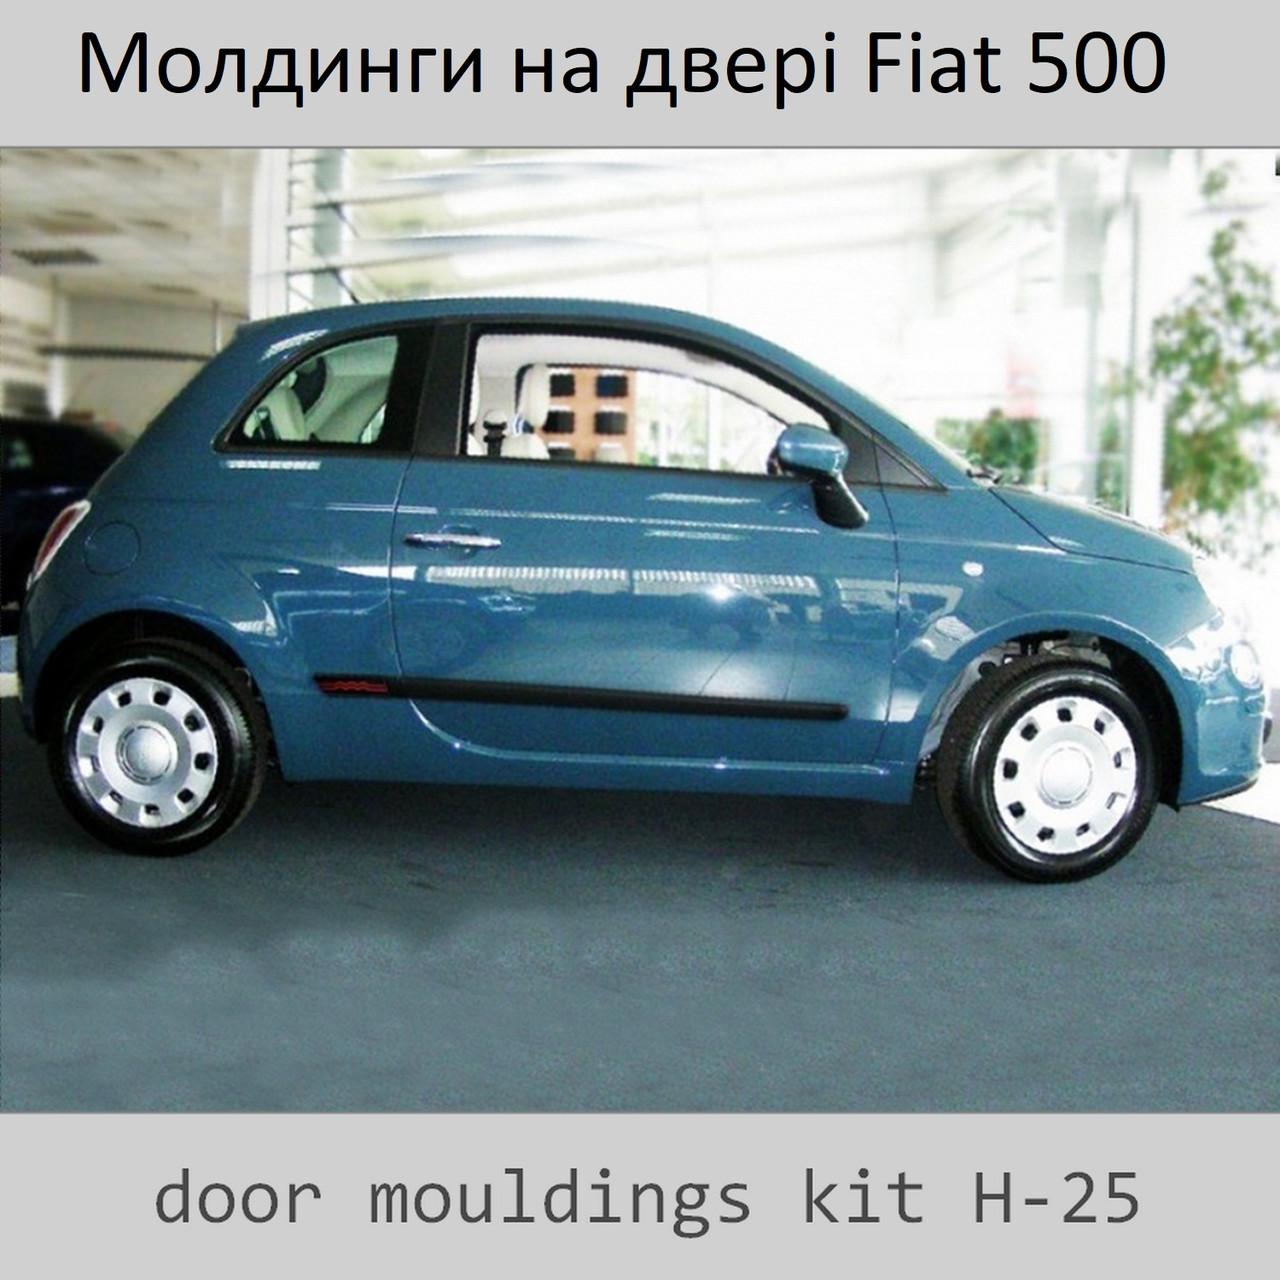 Молдинги на двері для Fiat 500 2007>